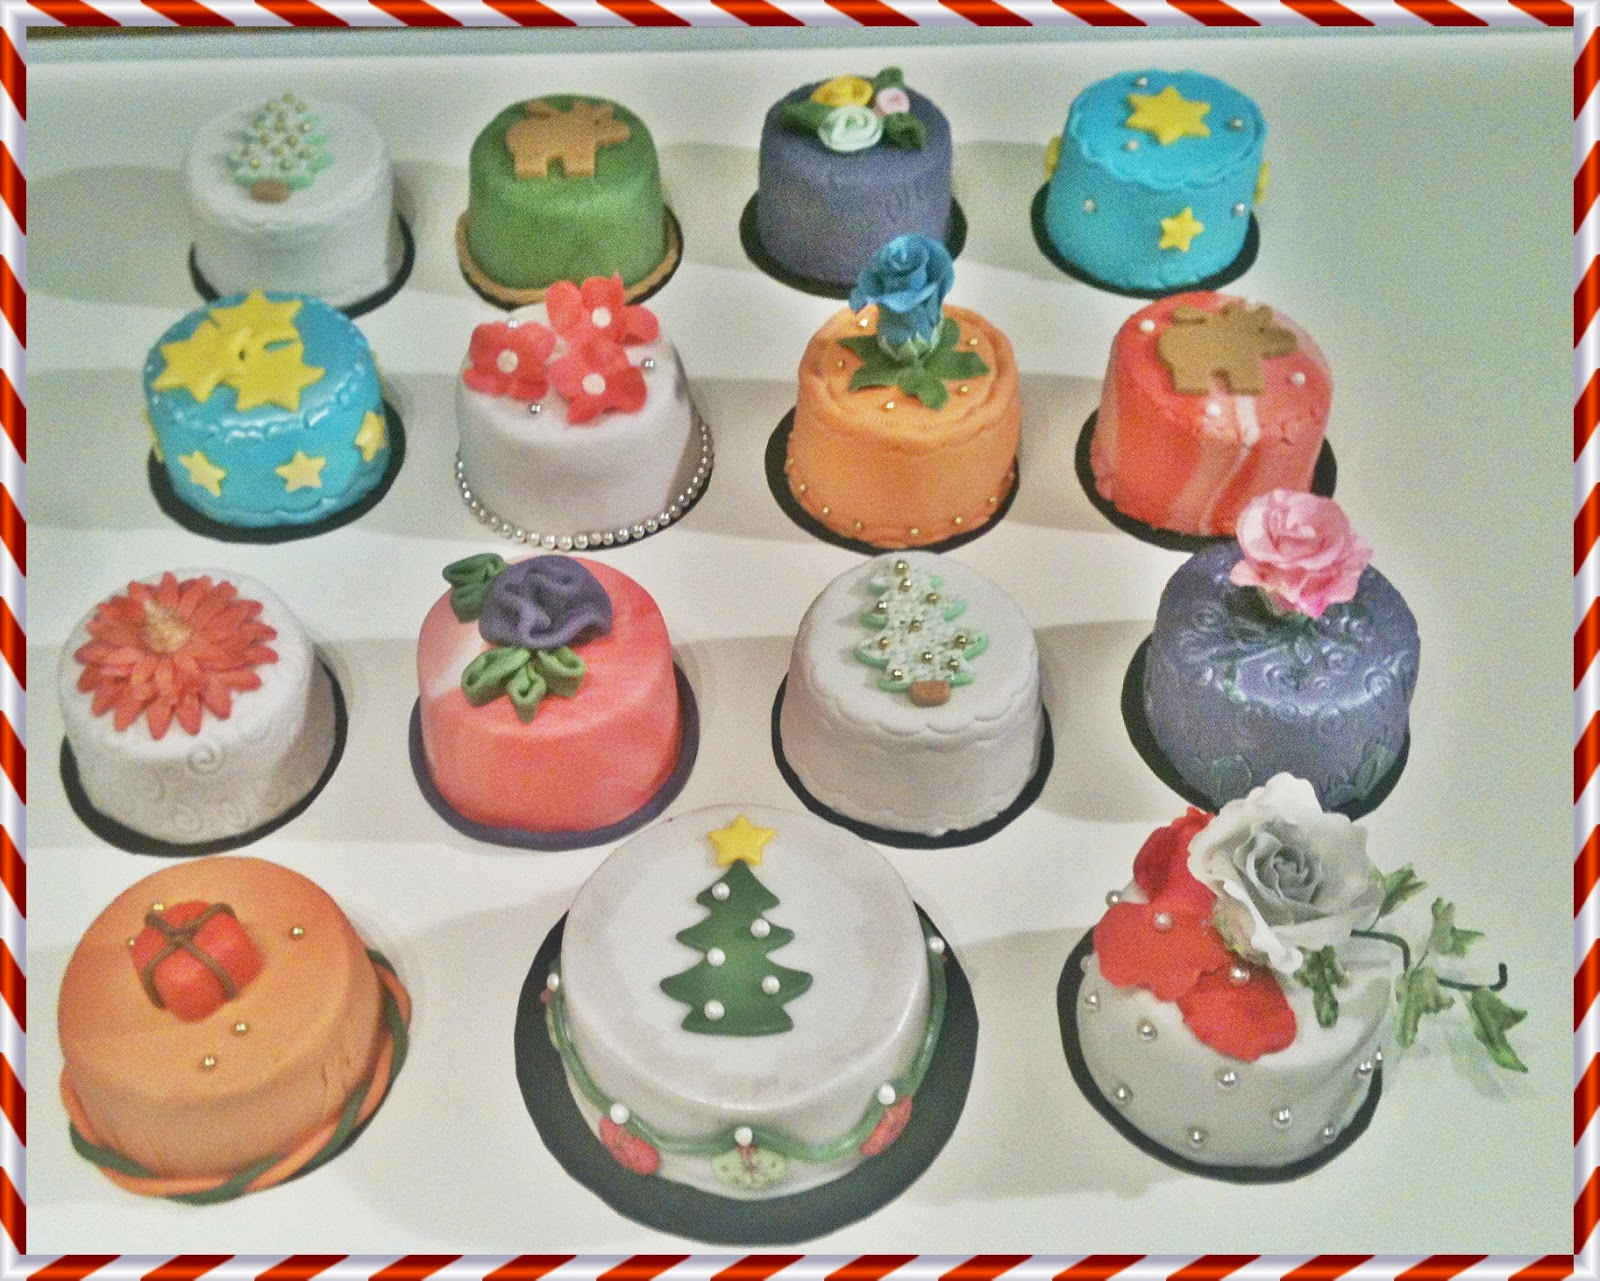 Weihnachts Kuchen Tannenbaum Und Weihnachts Petite Four